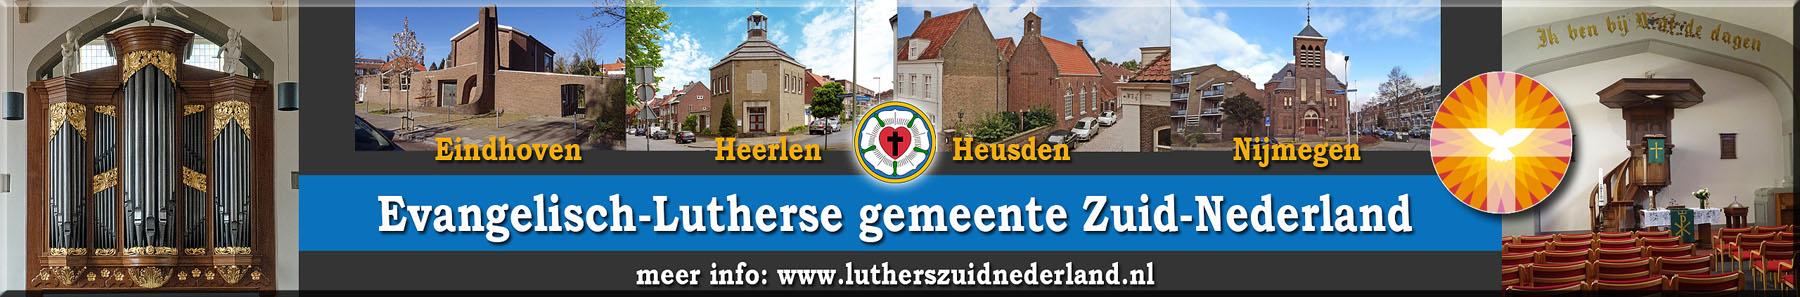 Luthers Zuid-Nederland